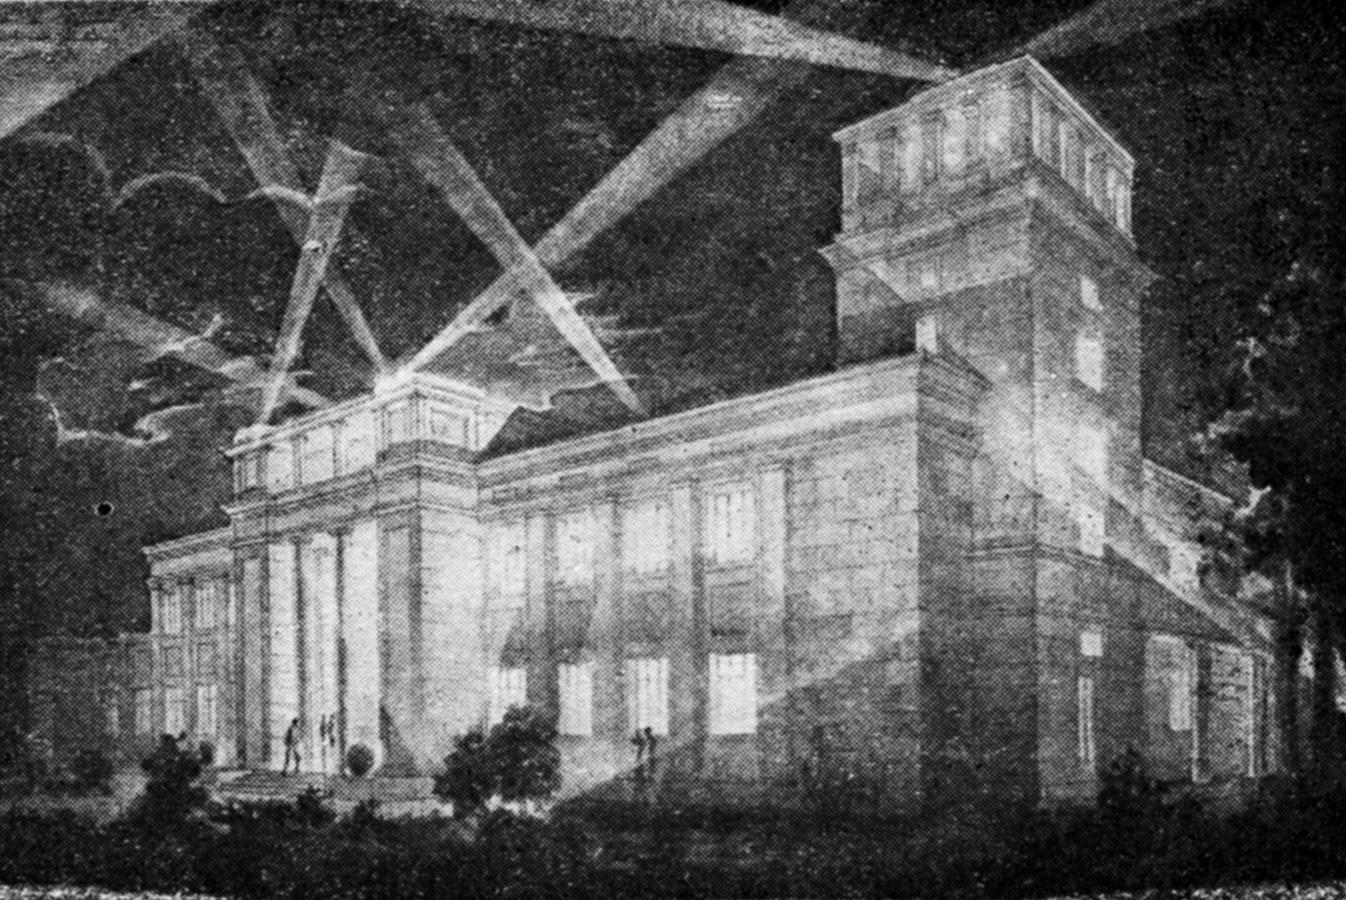 Архитекторы Михайловский, Сдобнев. Перспектива аэропорта в Броварах, 1935